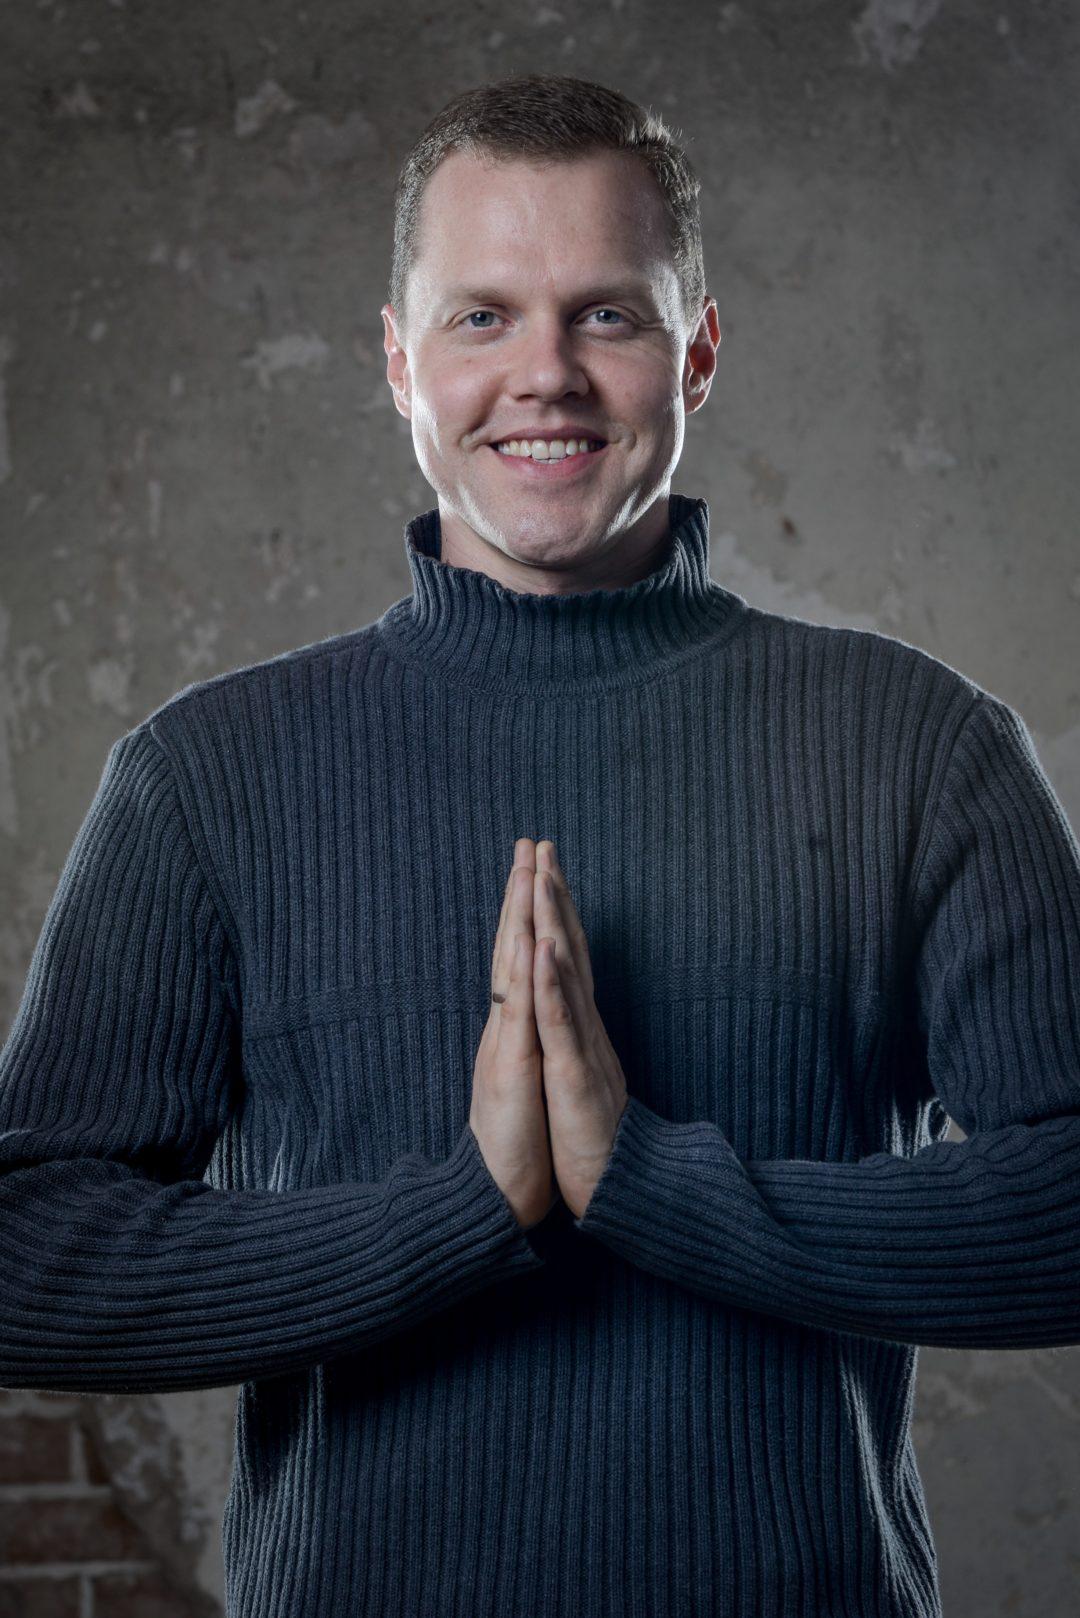 Michael Perkola